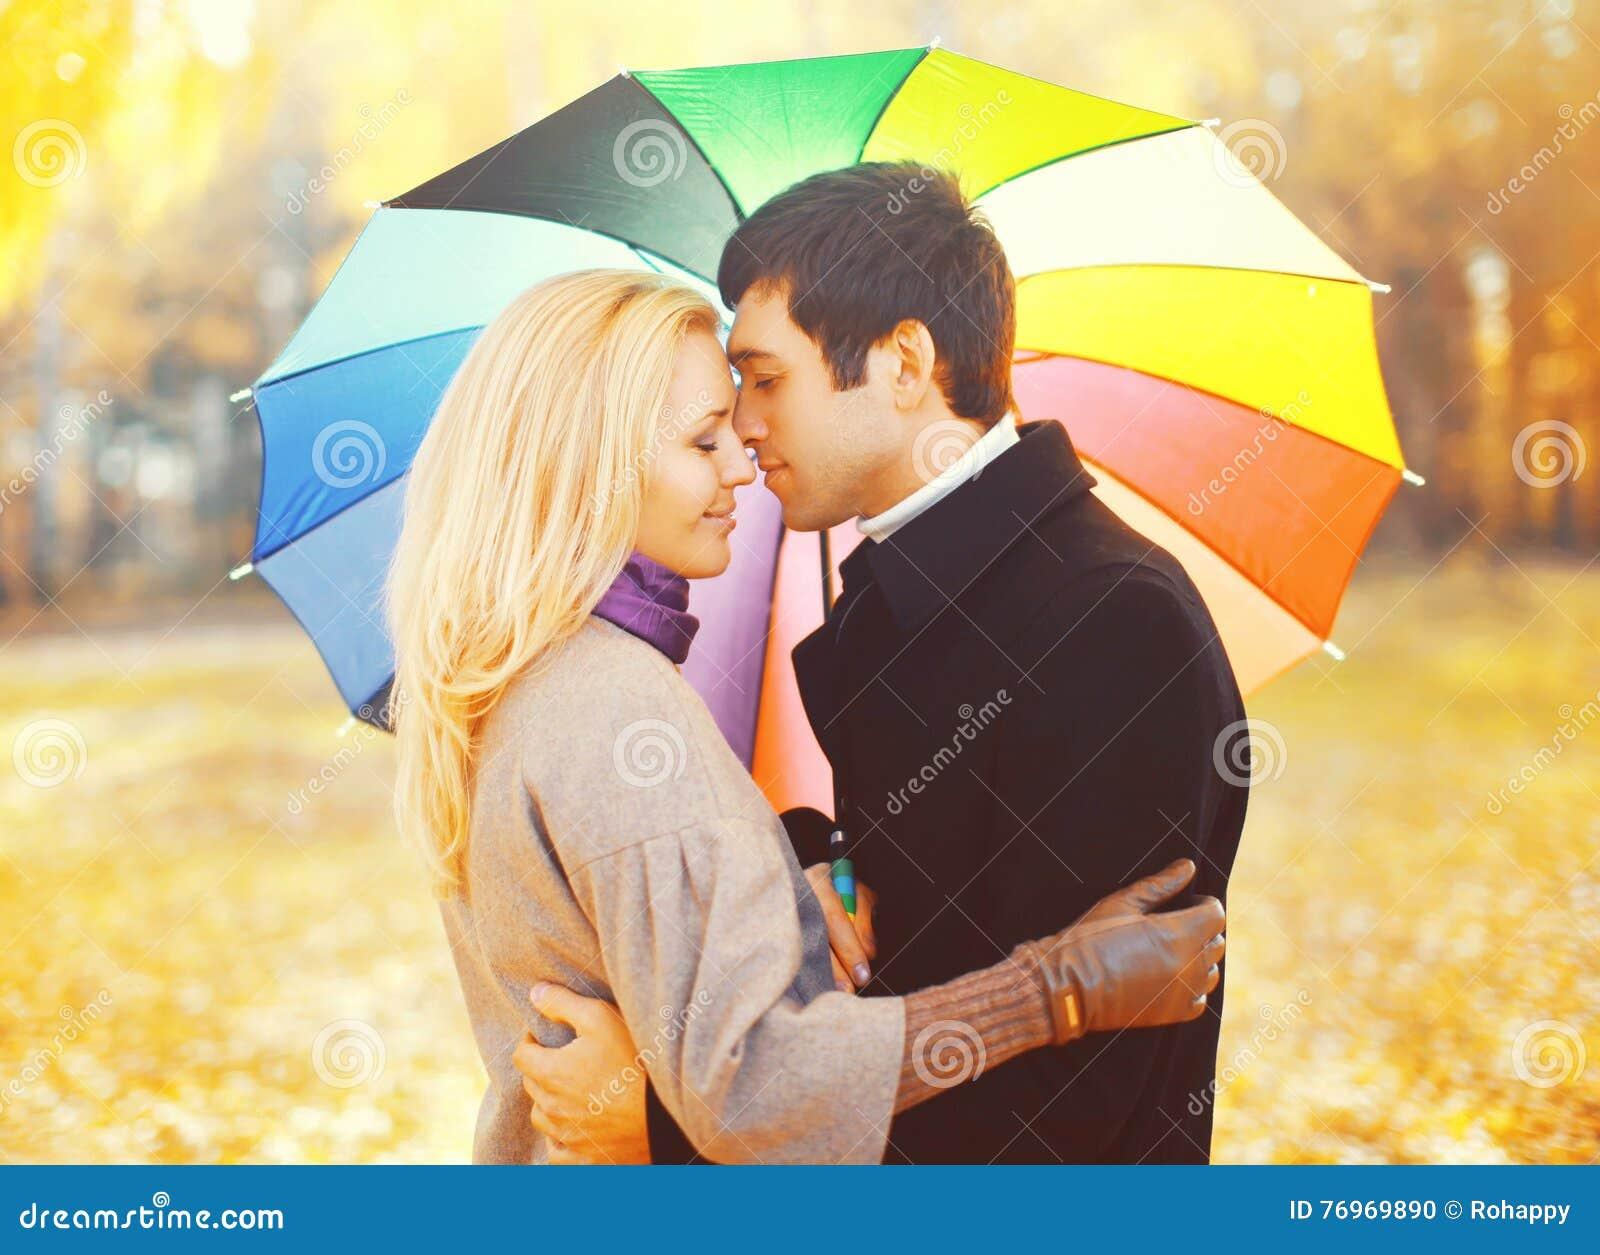 Портрет романтичных целуя пар влюбленн в красочный зонтик совместно на теплом солнечном дне над желтыми листьями